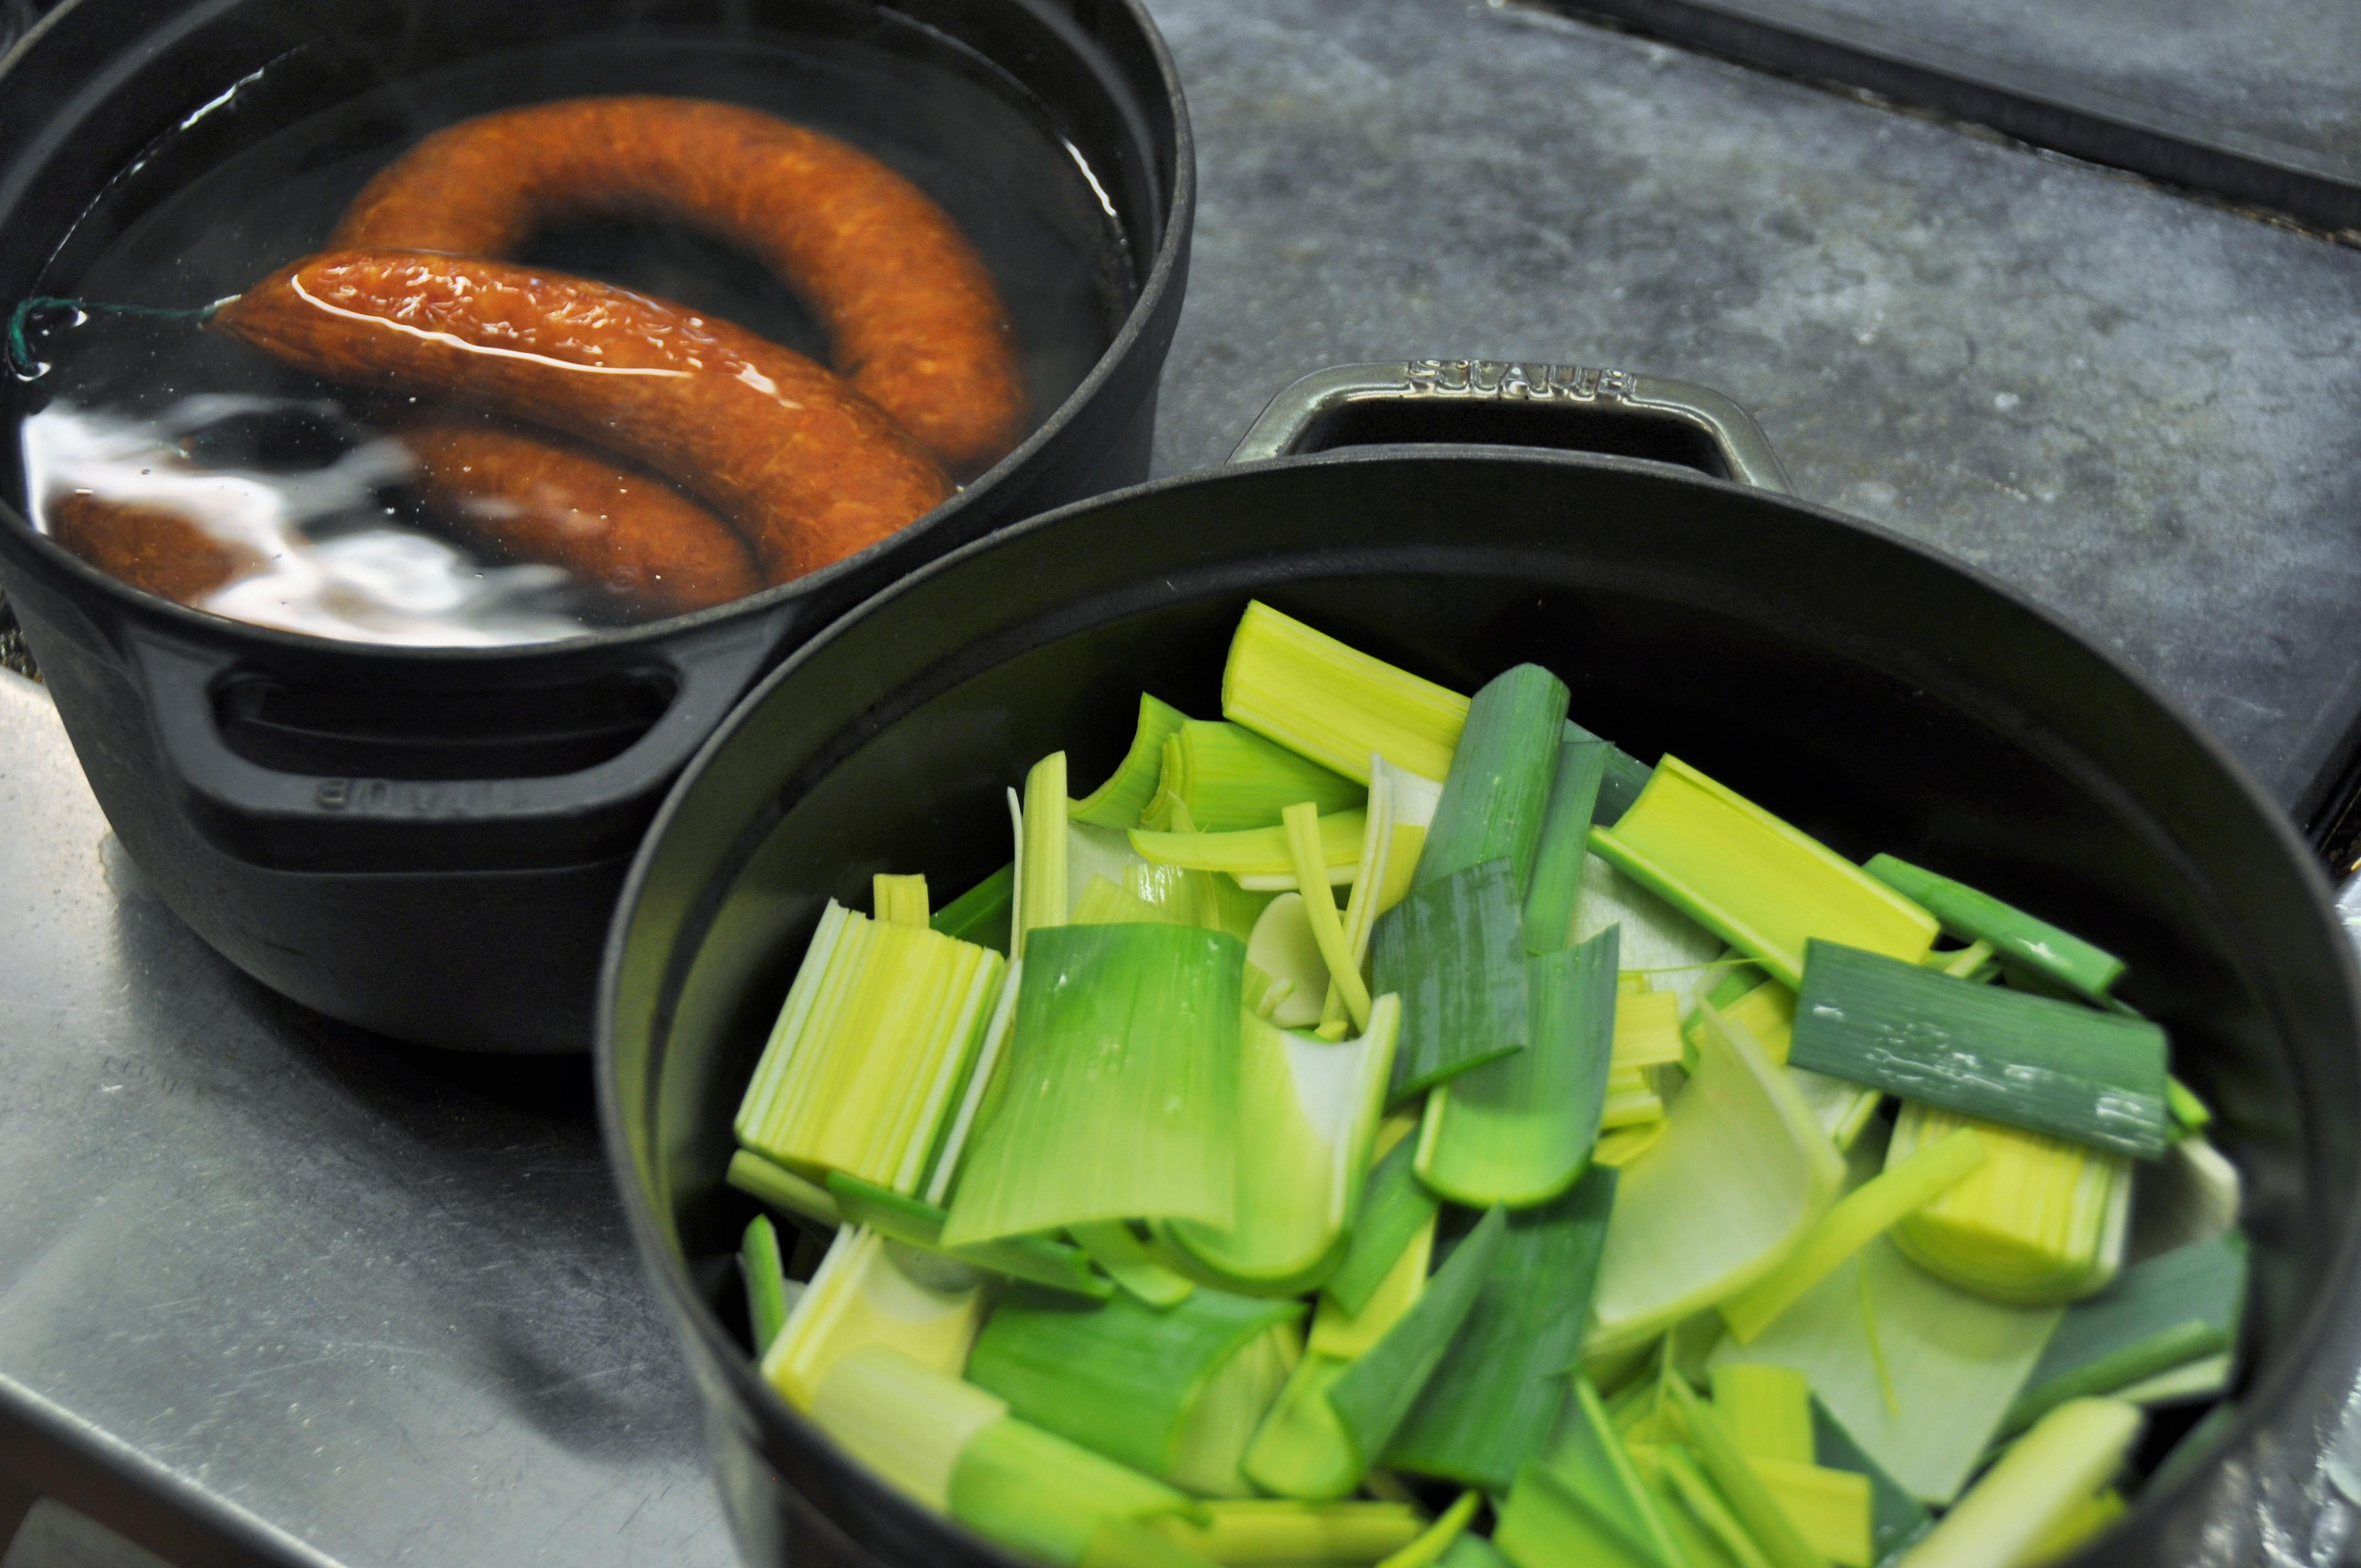 Poursuivre la cuisson à couvert en ajoutant de temps à autre un peu d eau  de cuisson des saucisses pour éviter que cela attache au fond de la  casserole. da77c6b8d12